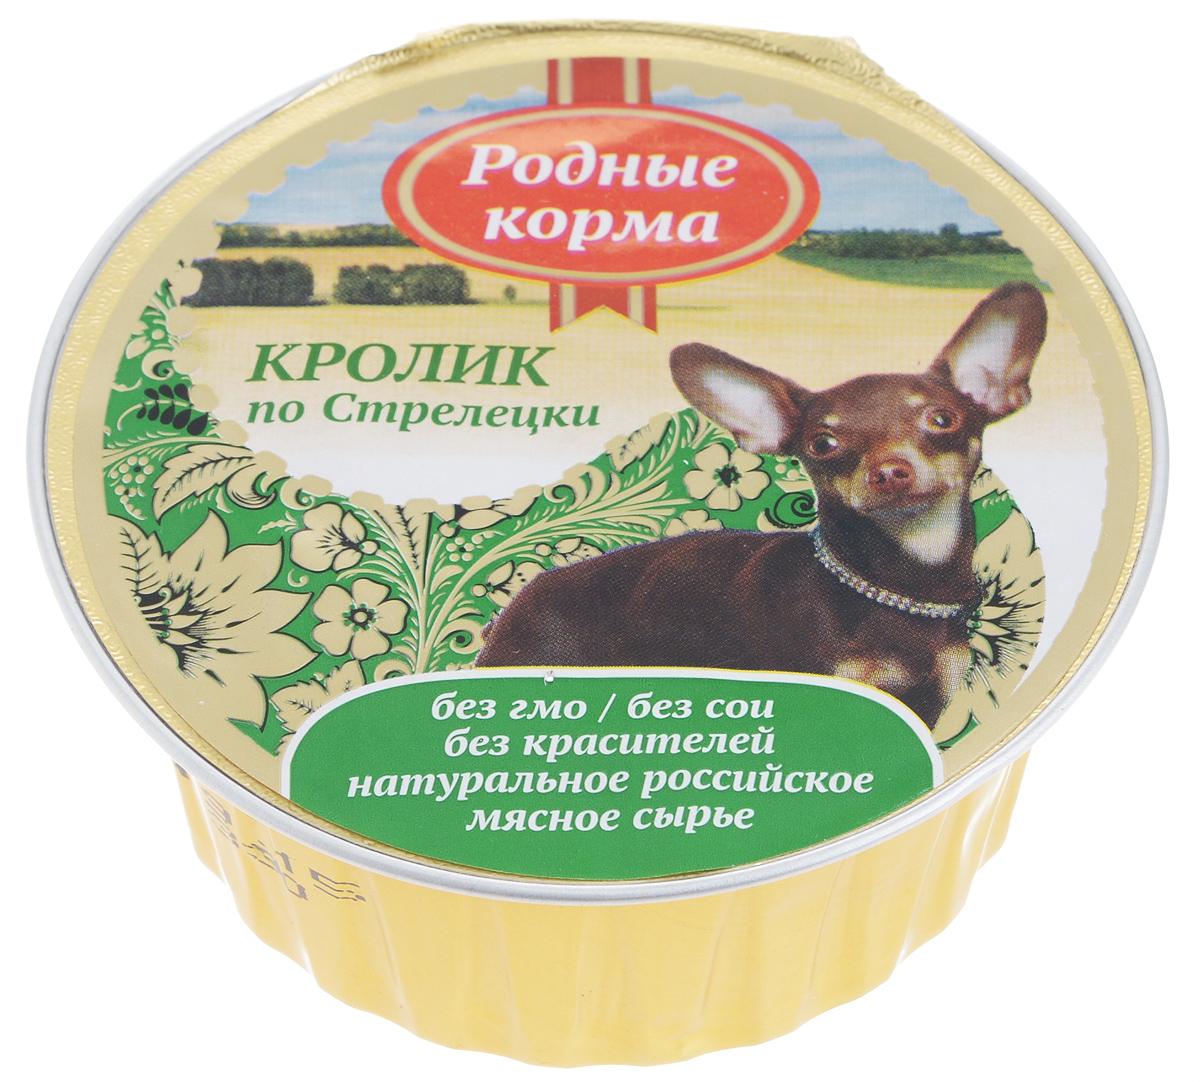 Консервы для собак Родные корма Кролик по-стрелецки, 125 г60238В рацион домашнего любимца нужно обязательно включать консервированный корм, ведь его главные достоинства - высокая калорийность и питательная ценность. Консервы лучше усваиваются, чем сухие корма. Также важно, что животные, имеющие в рационе консервированный корм, получают больше влаги. Полнорационный консервированный корм Родные корма Кролик по-стрелецки идеально подойдет вашему любимцу. Консервы приготовлены из натурального российского мяса. Не содержат сои, консервантов, красителей, ароматизаторов и генномодифицированных продуктов. Состав: мясо кролика, мясопродукты, натуральная желирующая добавка, злаки (не более 2%), растительное масло, соль, вода. Пищевая ценность в 100 г: 8% протеин, 6% жир, 0,2% клетчатка, 2% зола, 4% углеводы, влага - до 80%. Энергетическая ценность: 102 кКал. Вес: 125 г. Товар сертифицирован.